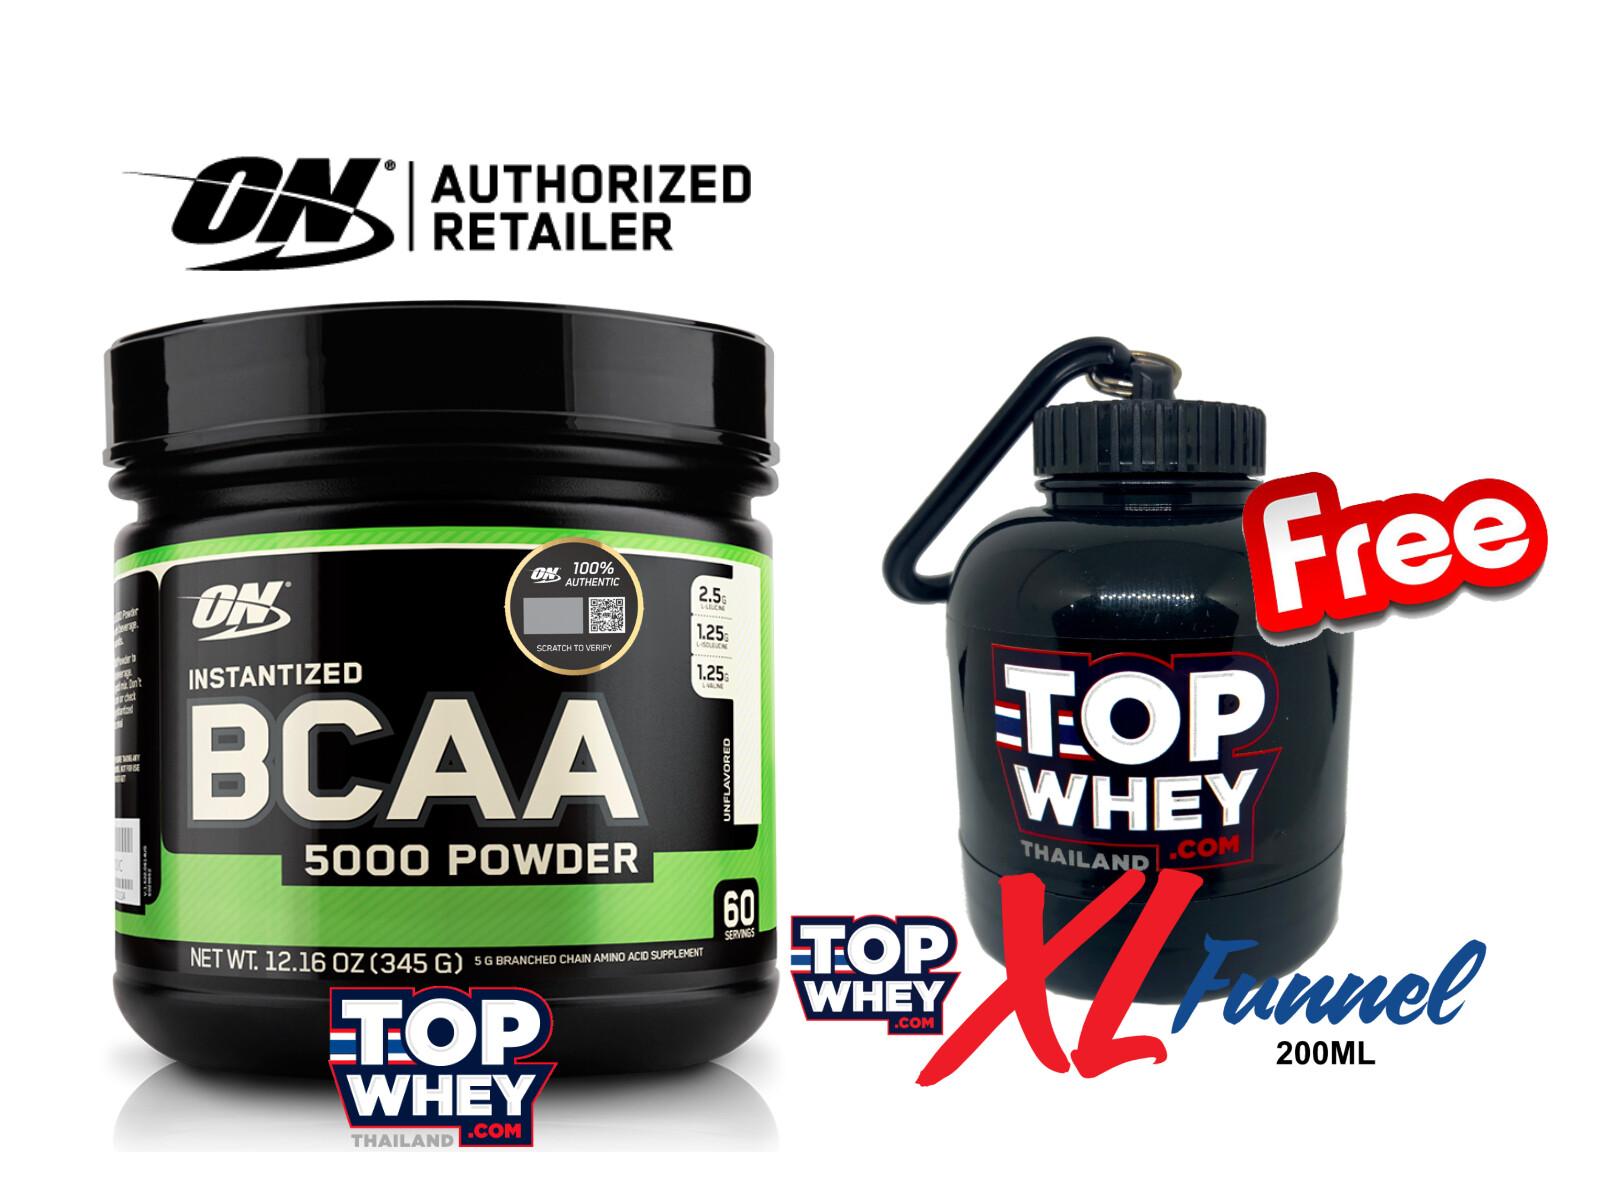 Optimum Nutrition BCAA 5000 Powder - 60 Servings – บีซีเอเอ ซ่อมแซมกล้ามเนื้อ ยับยั้งการสลายกล้ามเนื้อ มีส่วนสำคัญในการสร้างกล้ามเนื้อ เพิ่มประสิทธิภาพในการออกกำลังกาย ร่างกายนำไปใช้ได้ง่าย ผสมกับน้ำหรือเครื่องดื่ม ก่อน-หลังออกกำลังกาย